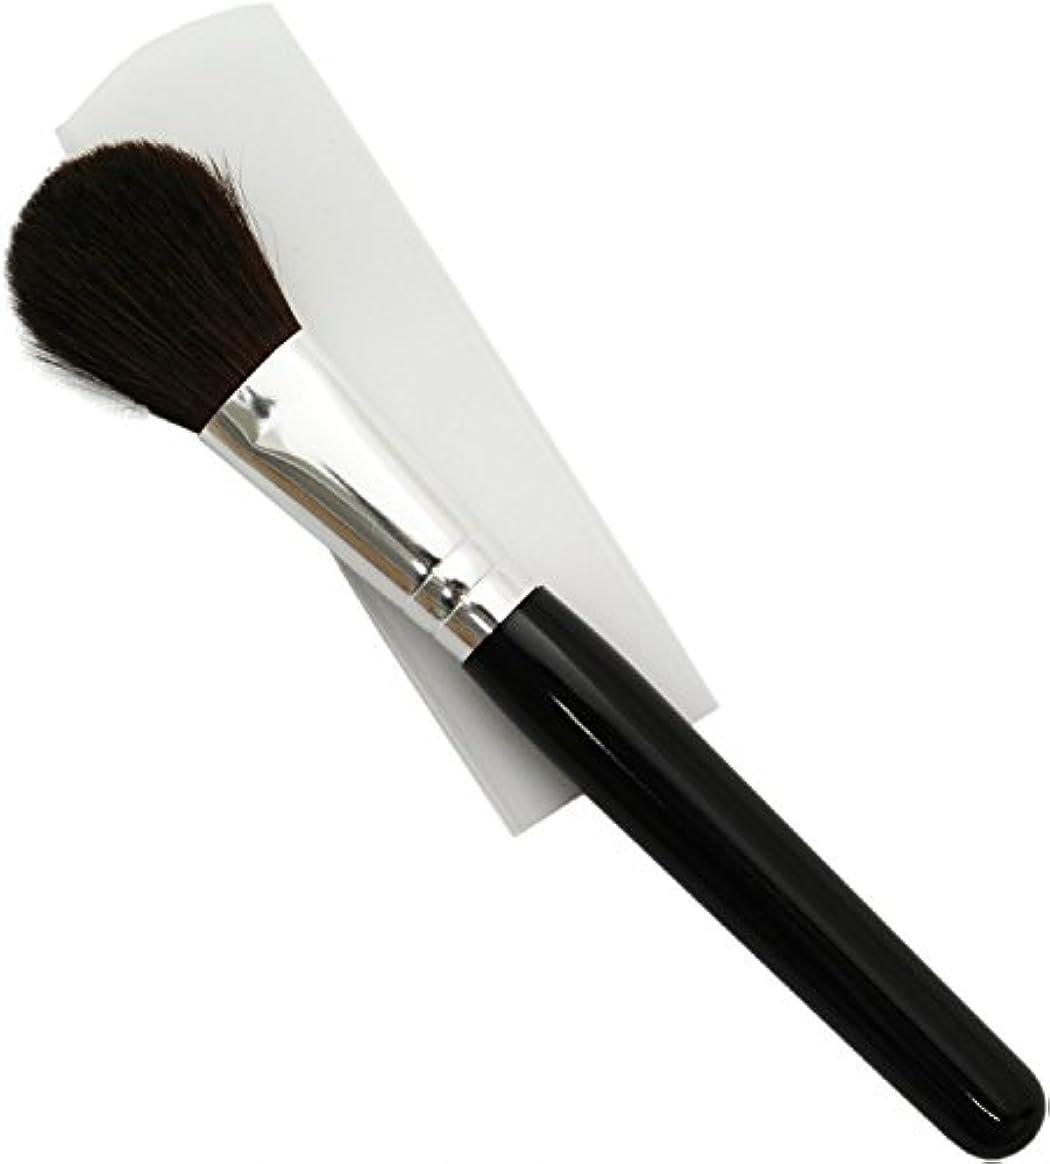 ダルセット引き渡す有用熊野筆 メイクブラシ KUシリーズ チークブラシ 小 馬毛